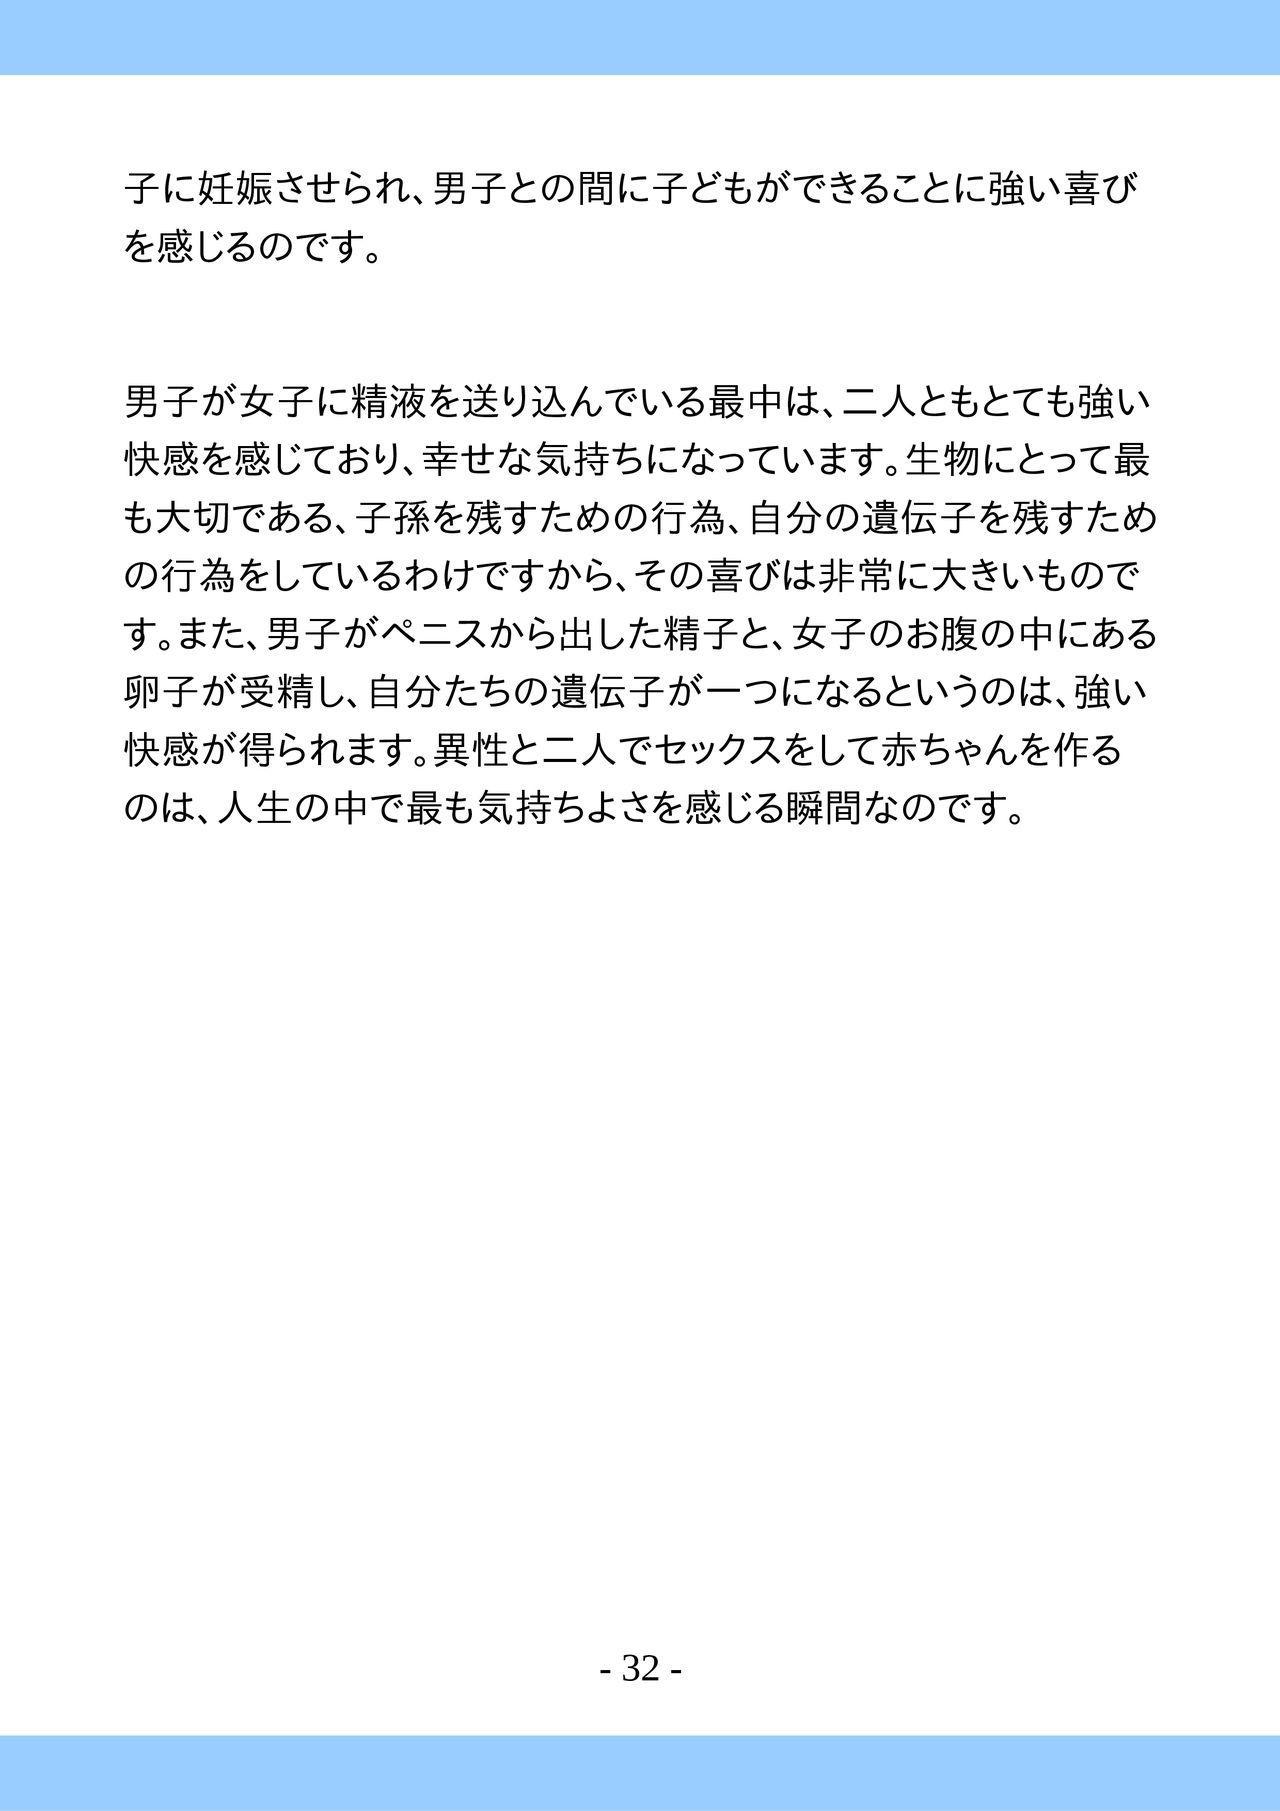 Shishunki no Tame no Tottemo Kimochii Sex no Ohanashi 31